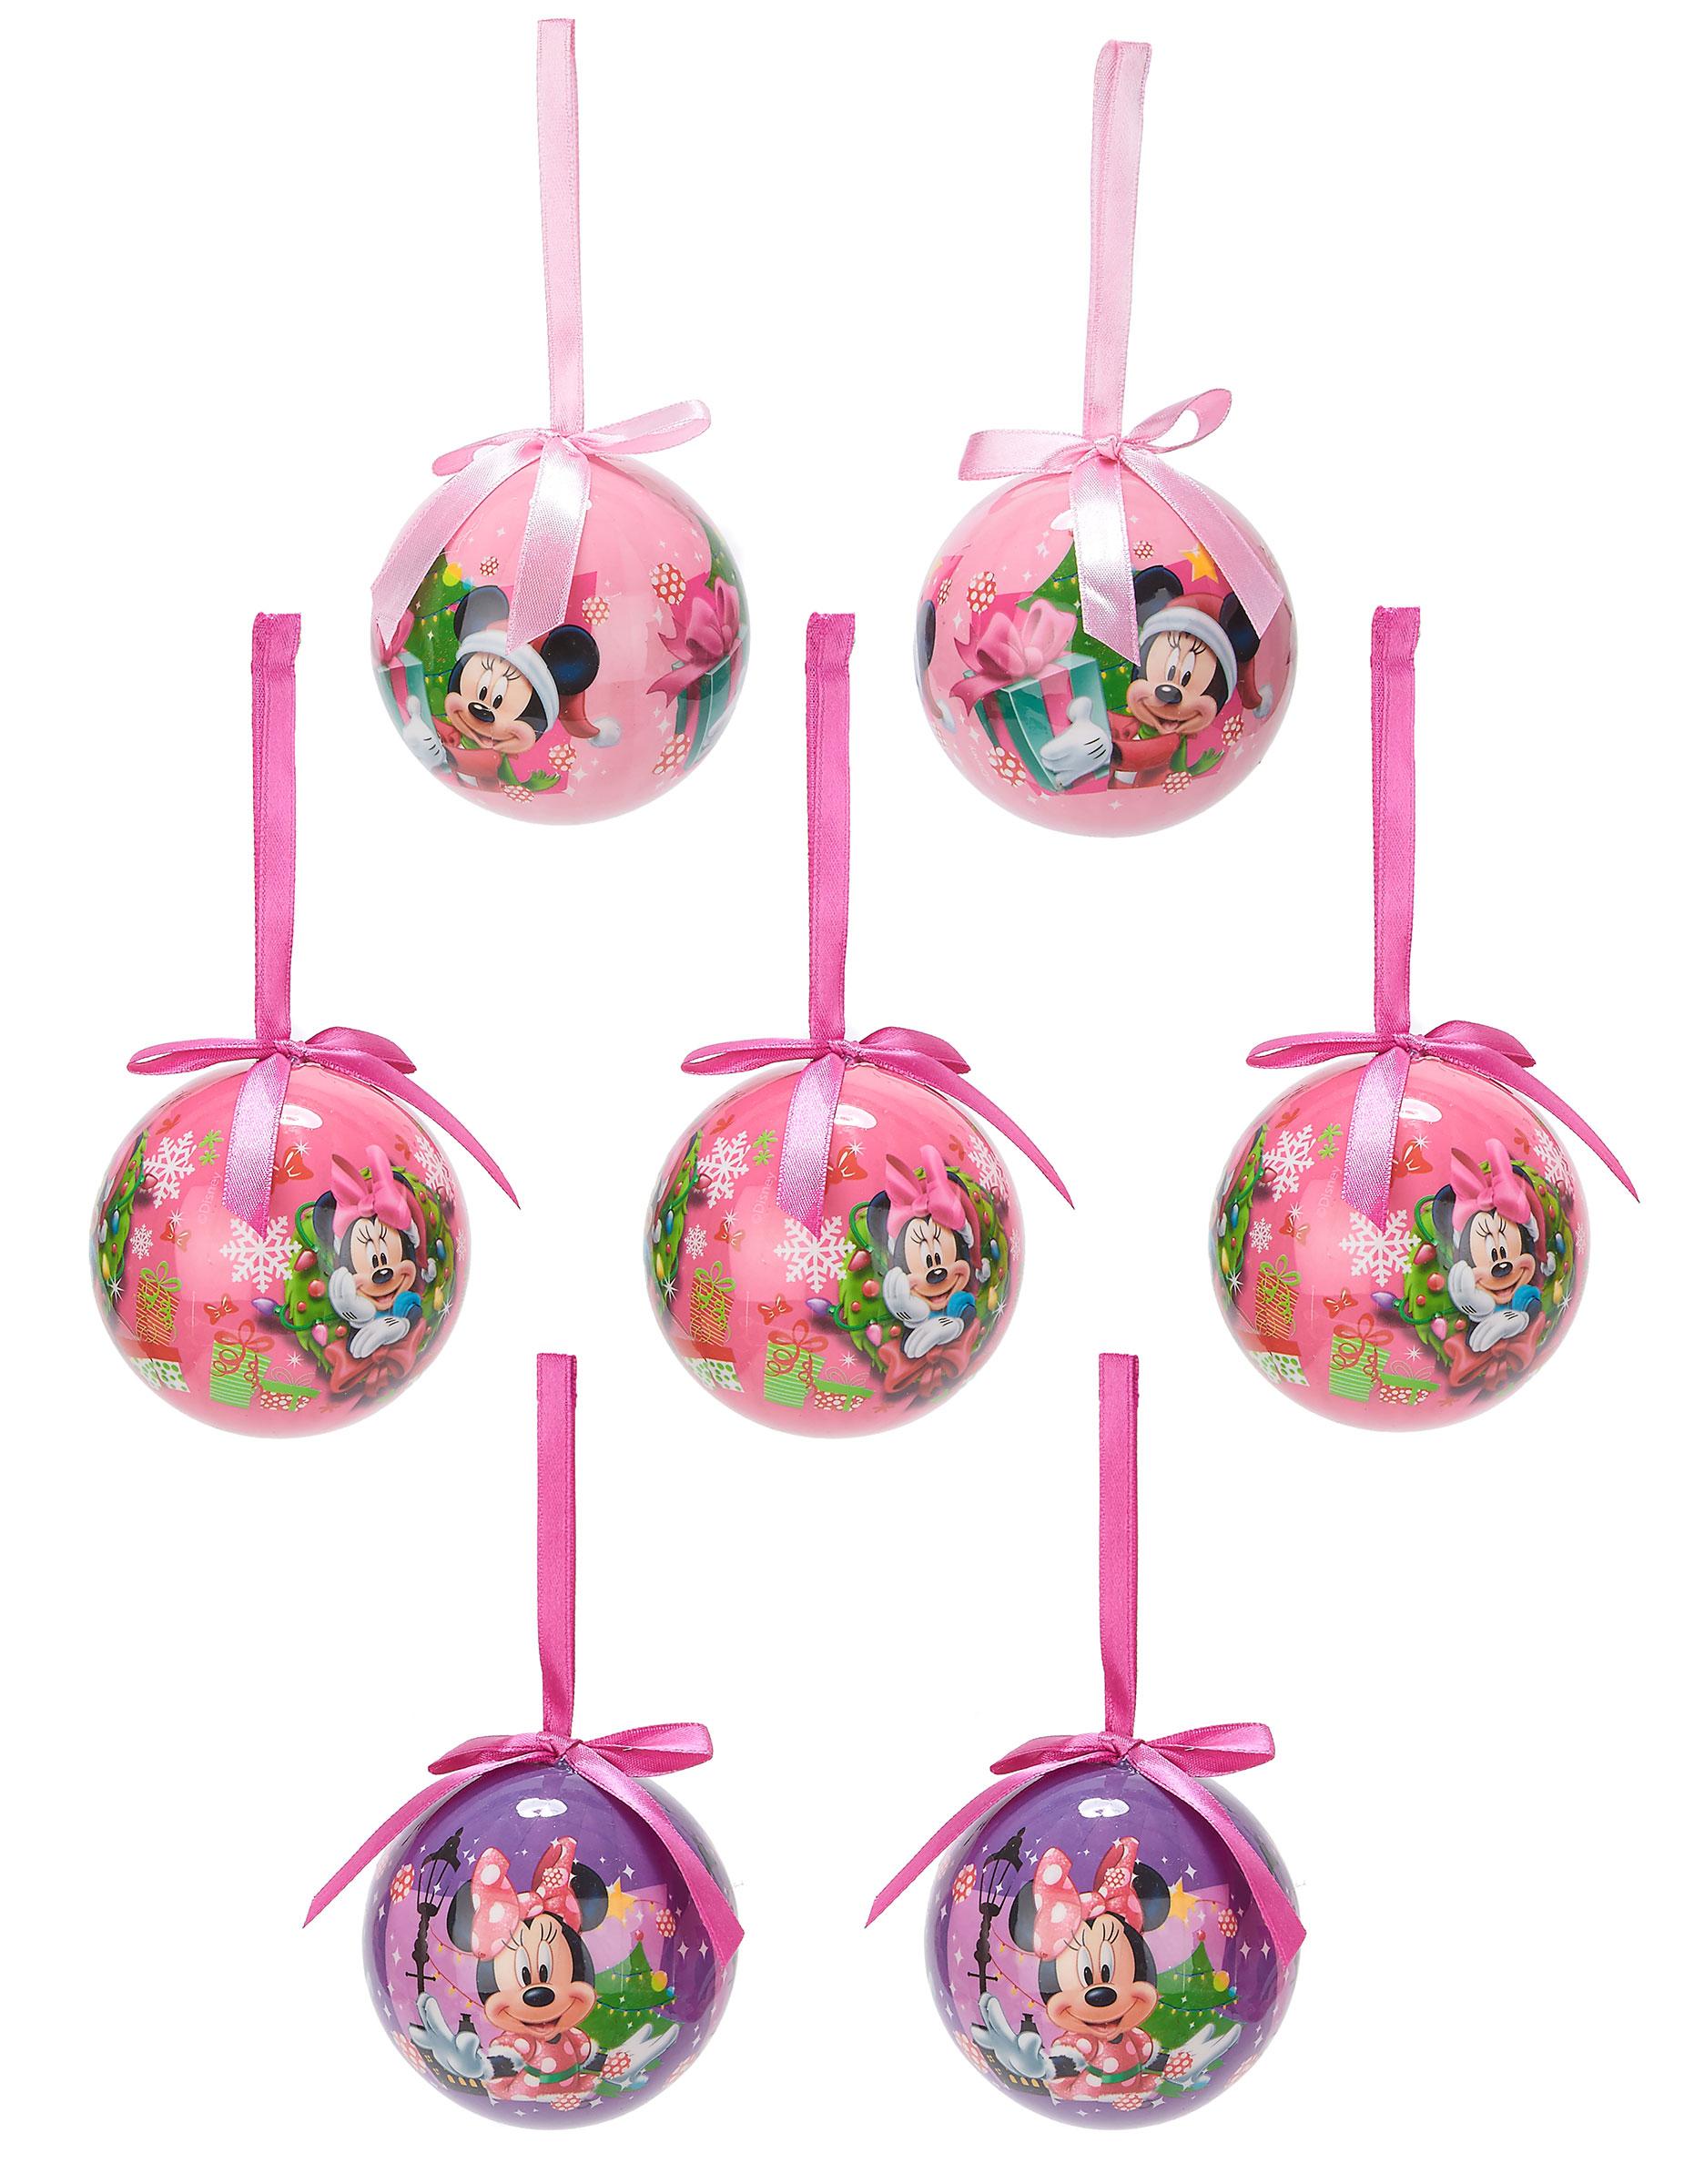 7 Bolas de Navidad Minnie 75 cm Decoraciny disfraces originales